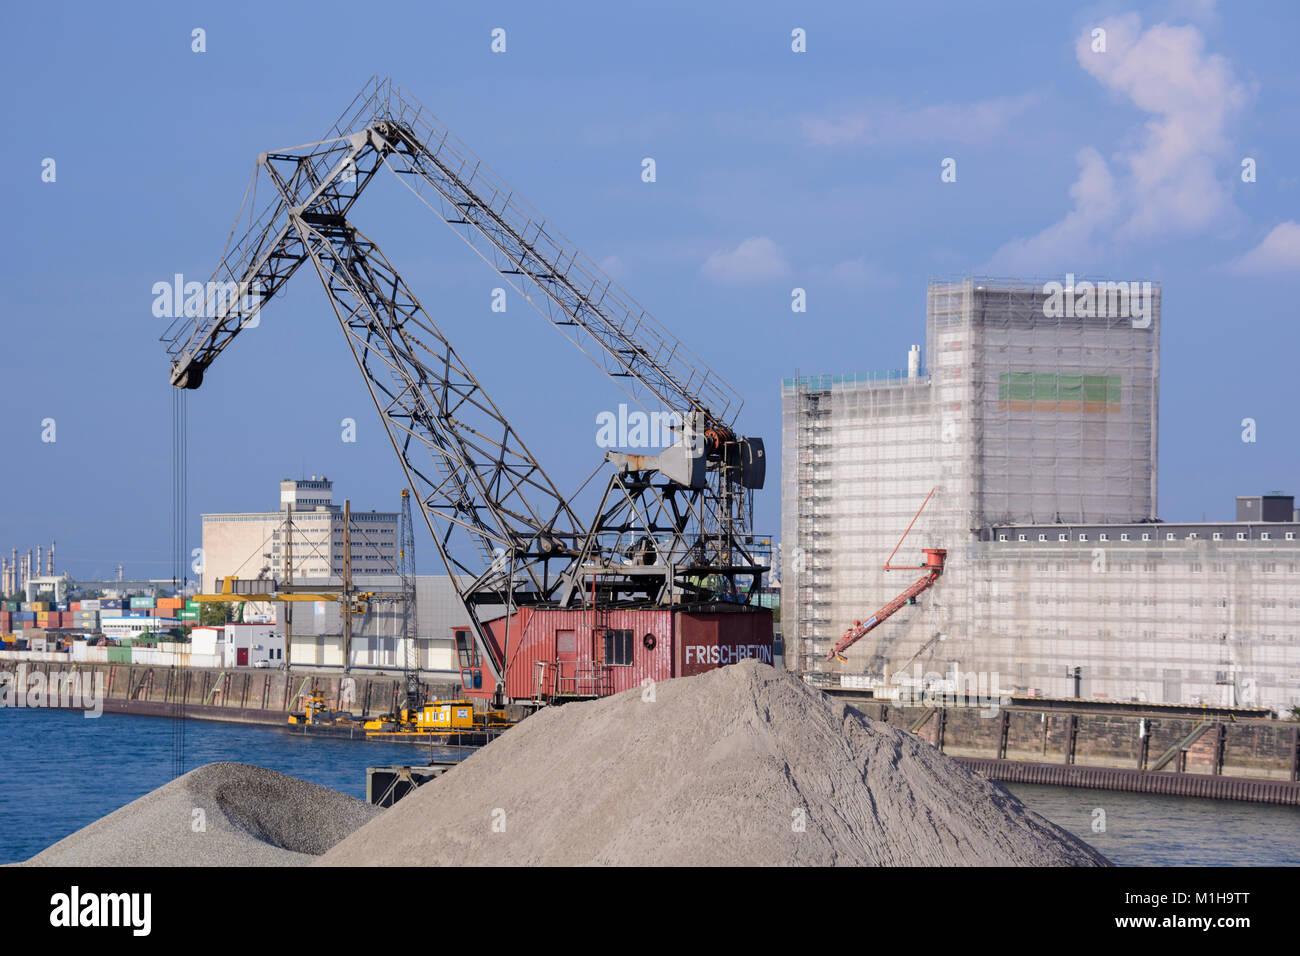 Hafen stadt stock photos hafen stadt stock images alamy for Restaurant mannheim hafen